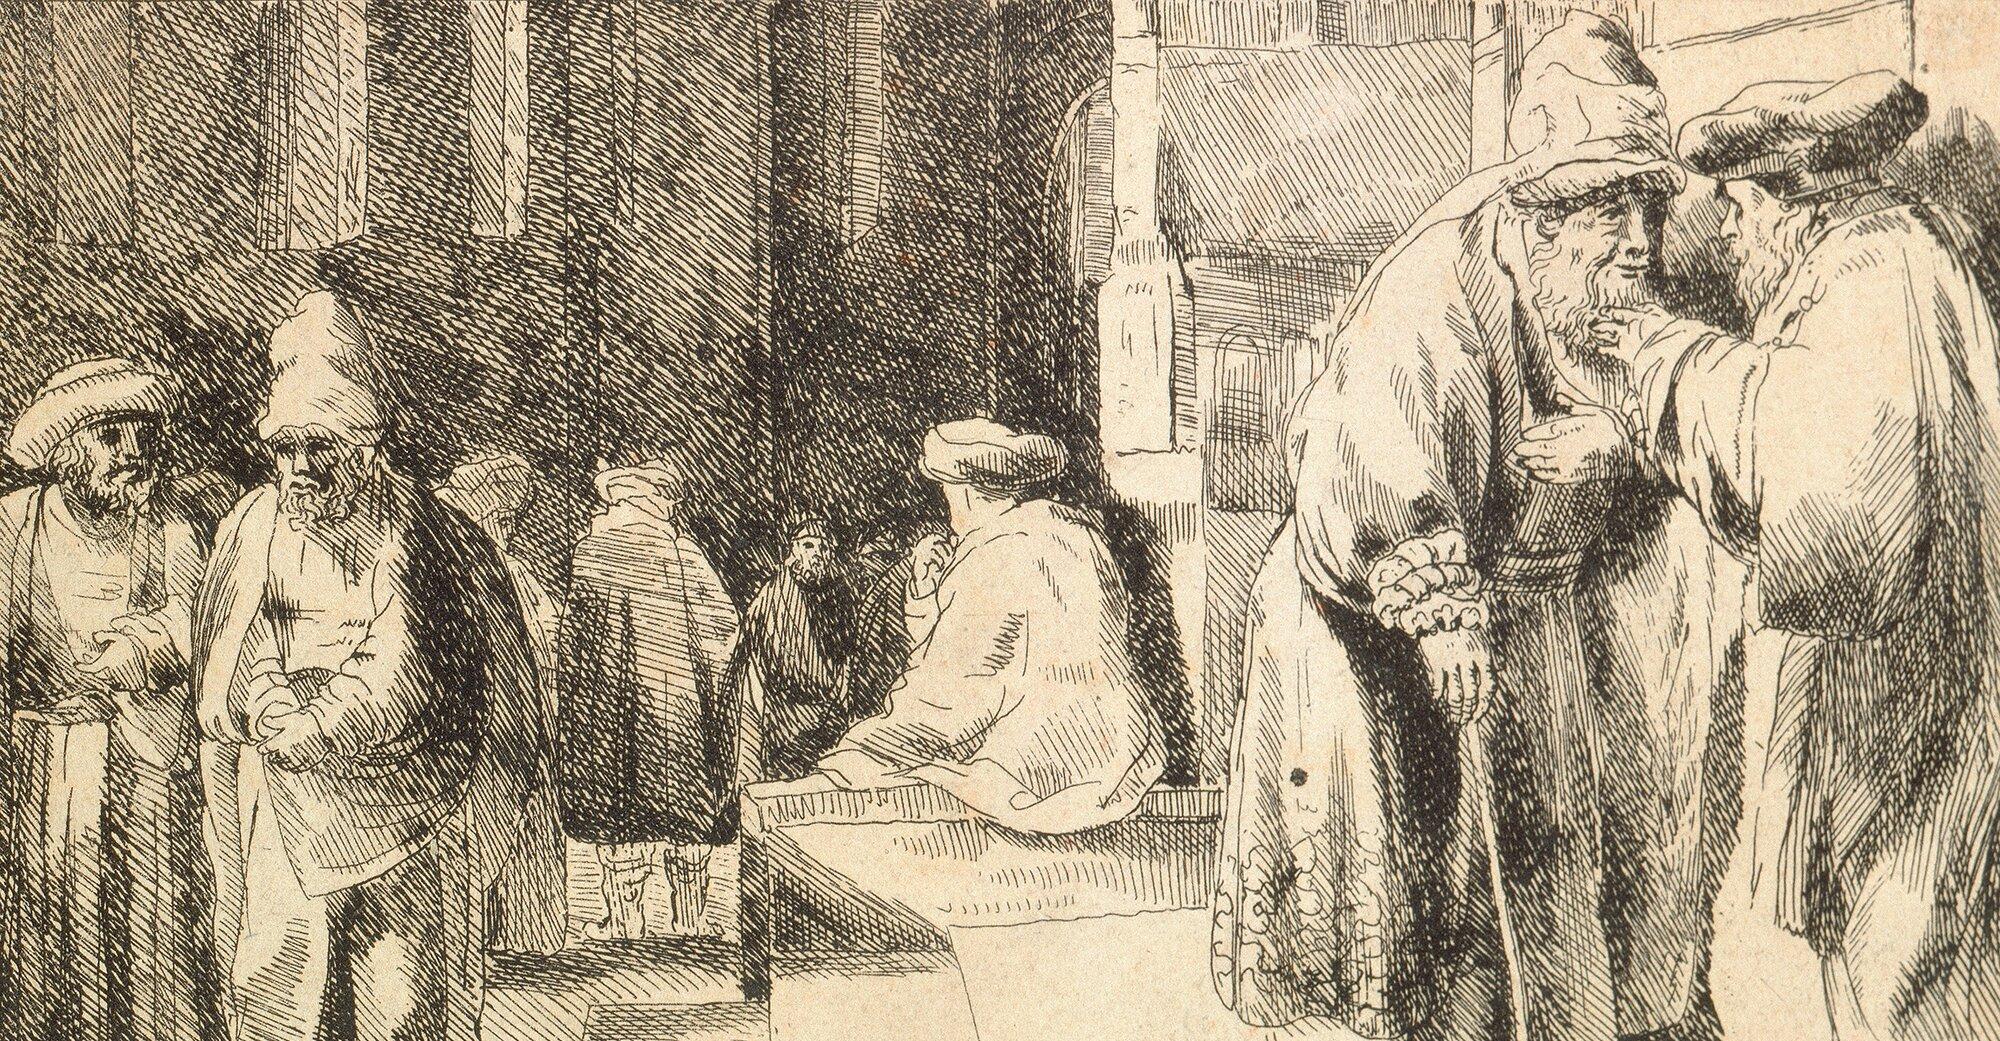 Żydzi wsynagodze Źródło: Rembrandt, Żydzi wsynagodze, 1648, domena publiczna.